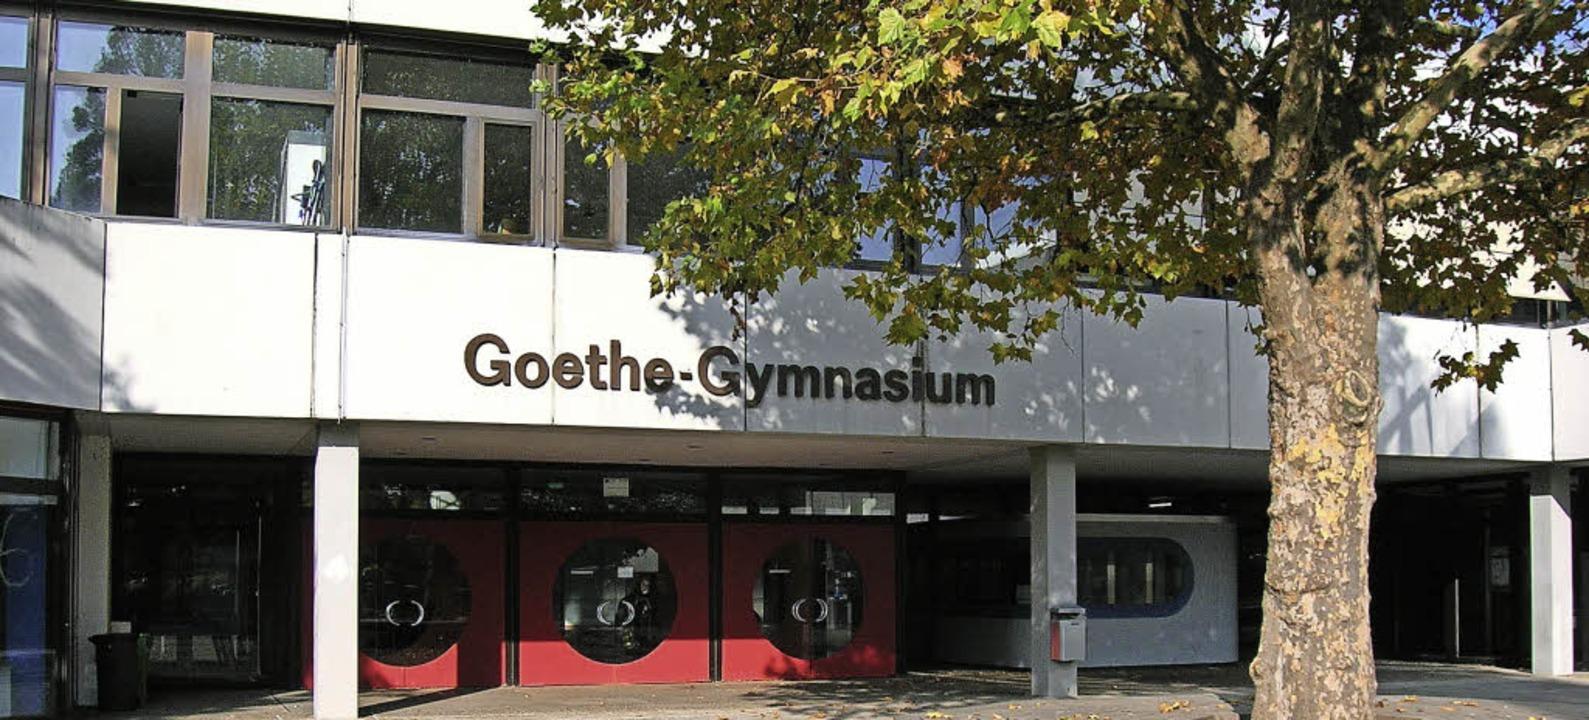 Bald Ganztagsschule: Das Goethe-Gymnasium stellt sich dem Bedarf.  | Foto: Sylvia-Karina Jahn